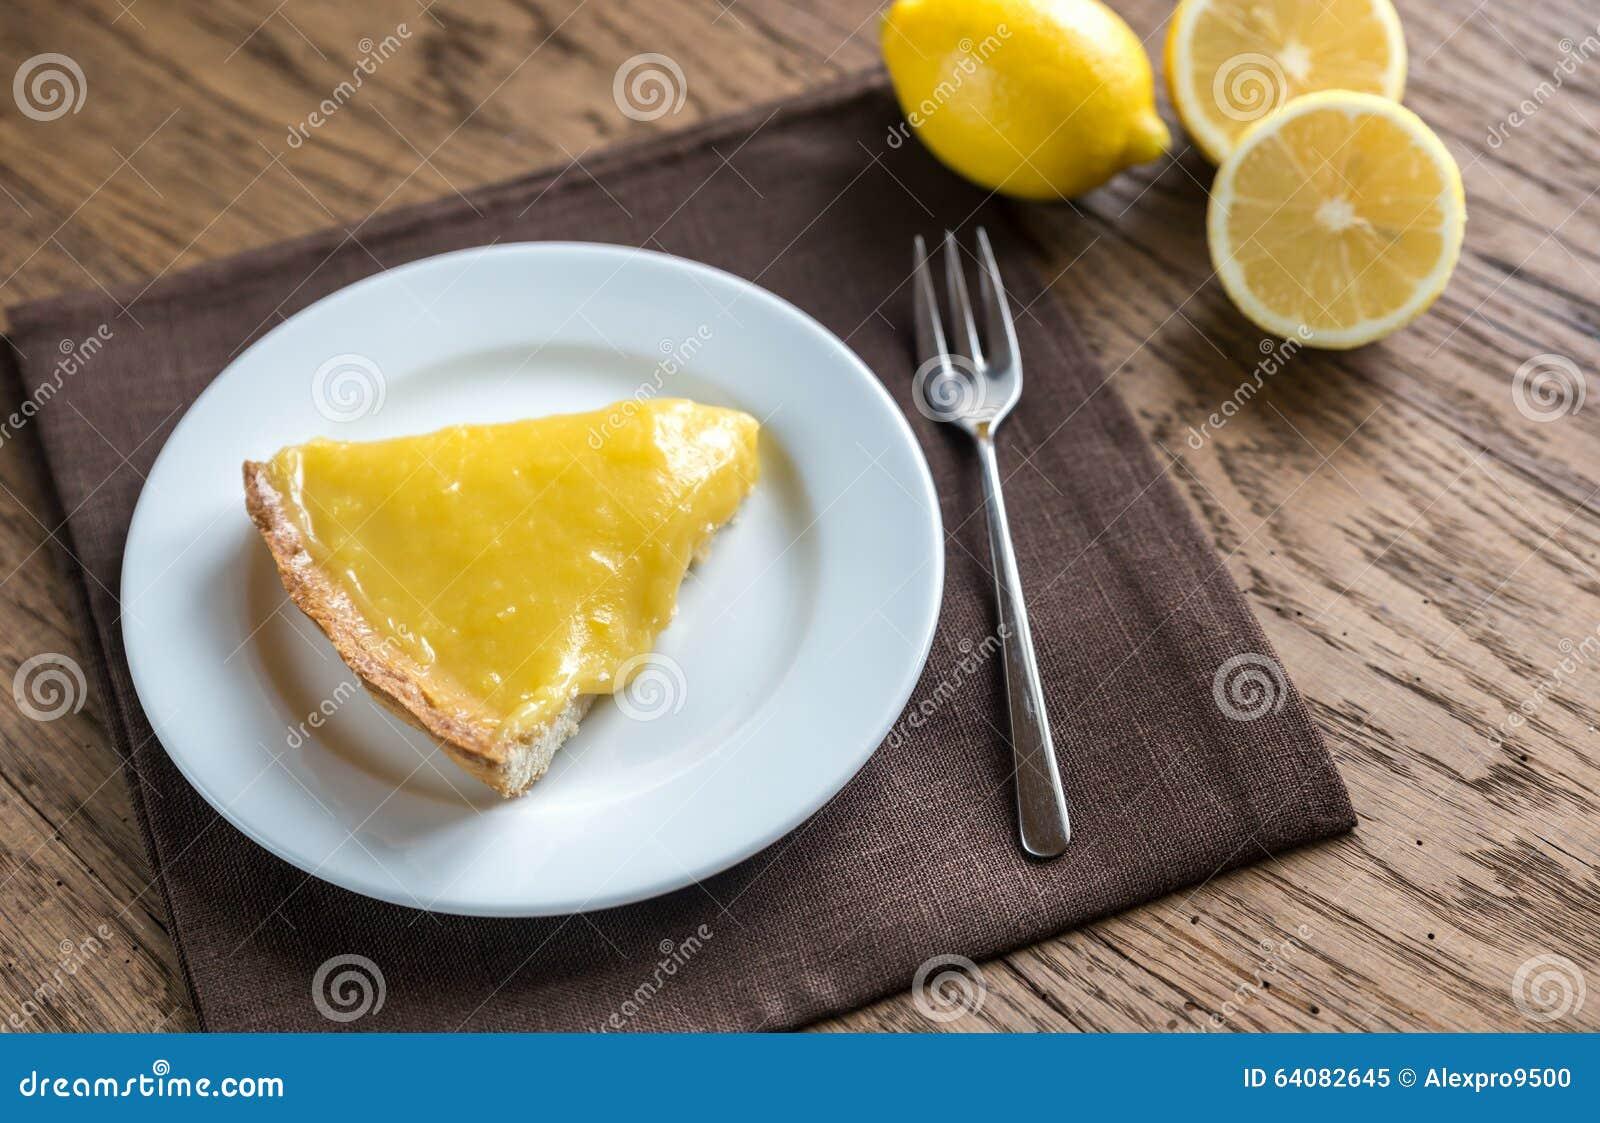 Slice of lemon tart on the plate